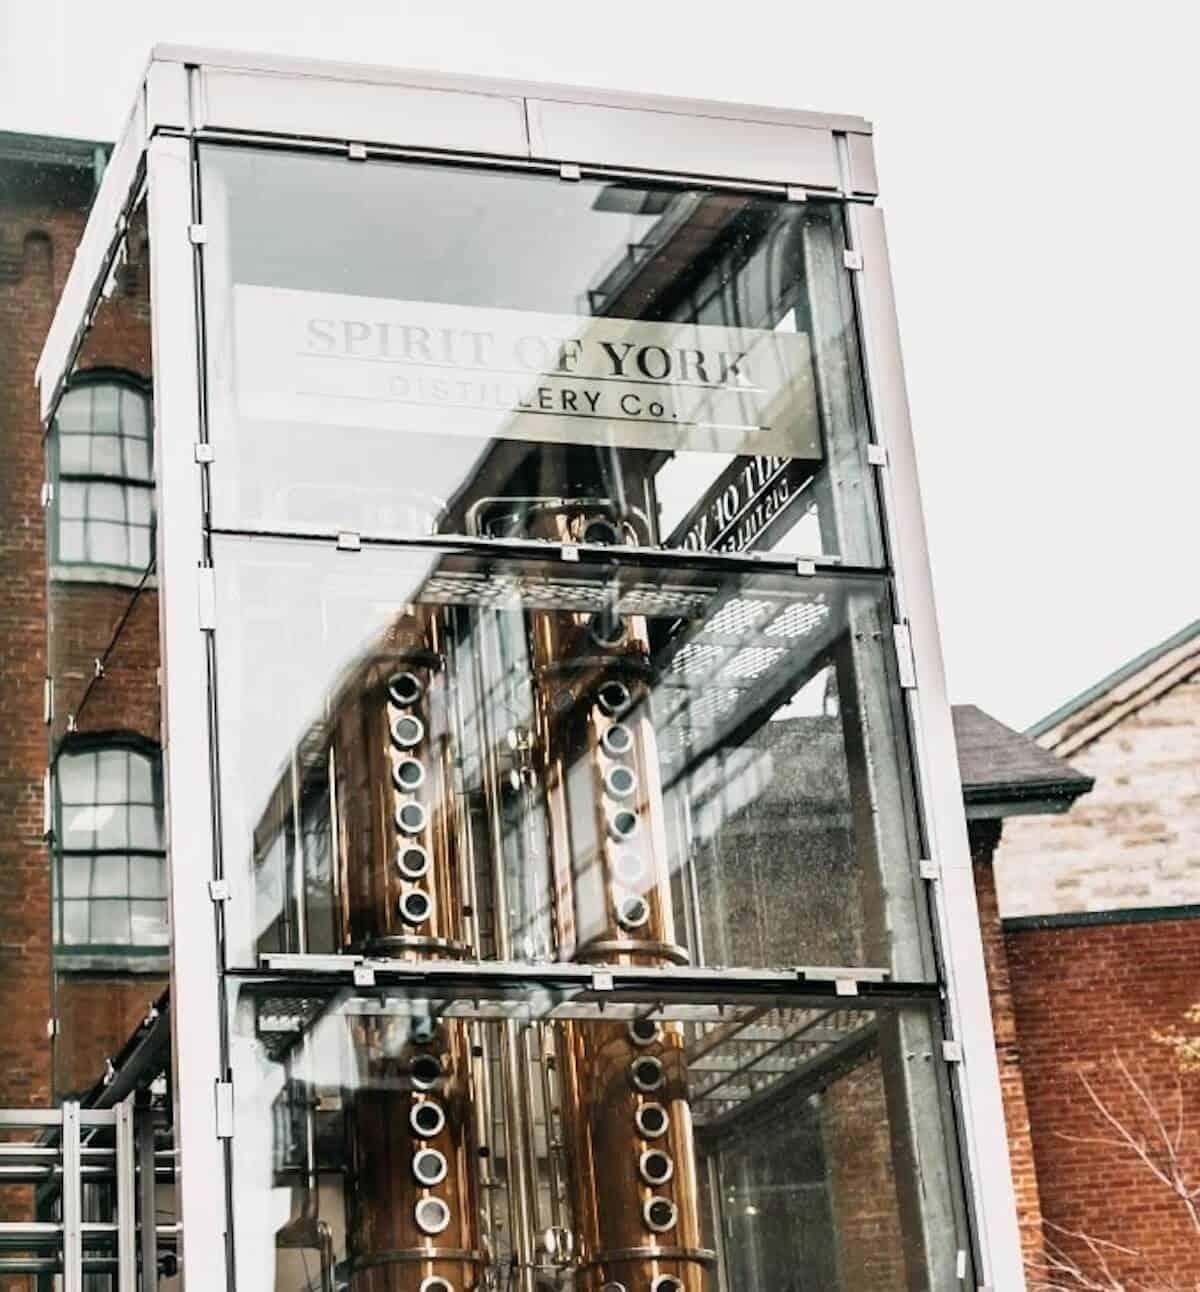 Spirit of York distillery's glassed-enclosed column still.